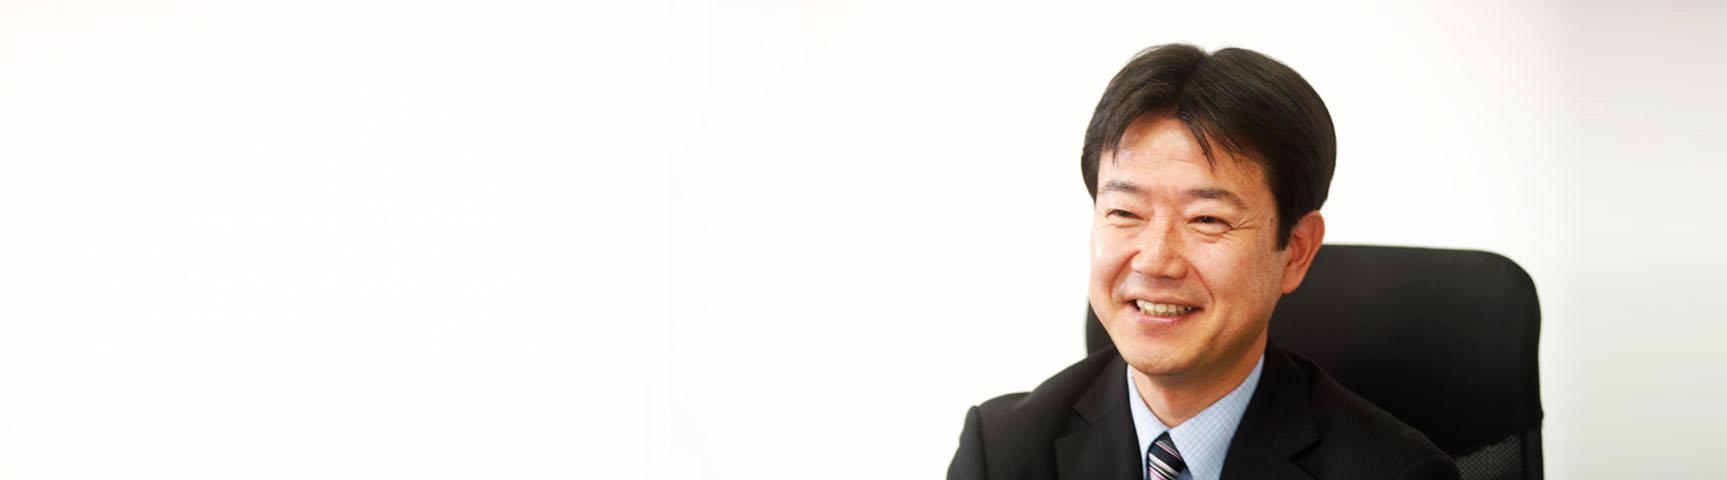 プライマリー・アシスト株式会社の導入事例